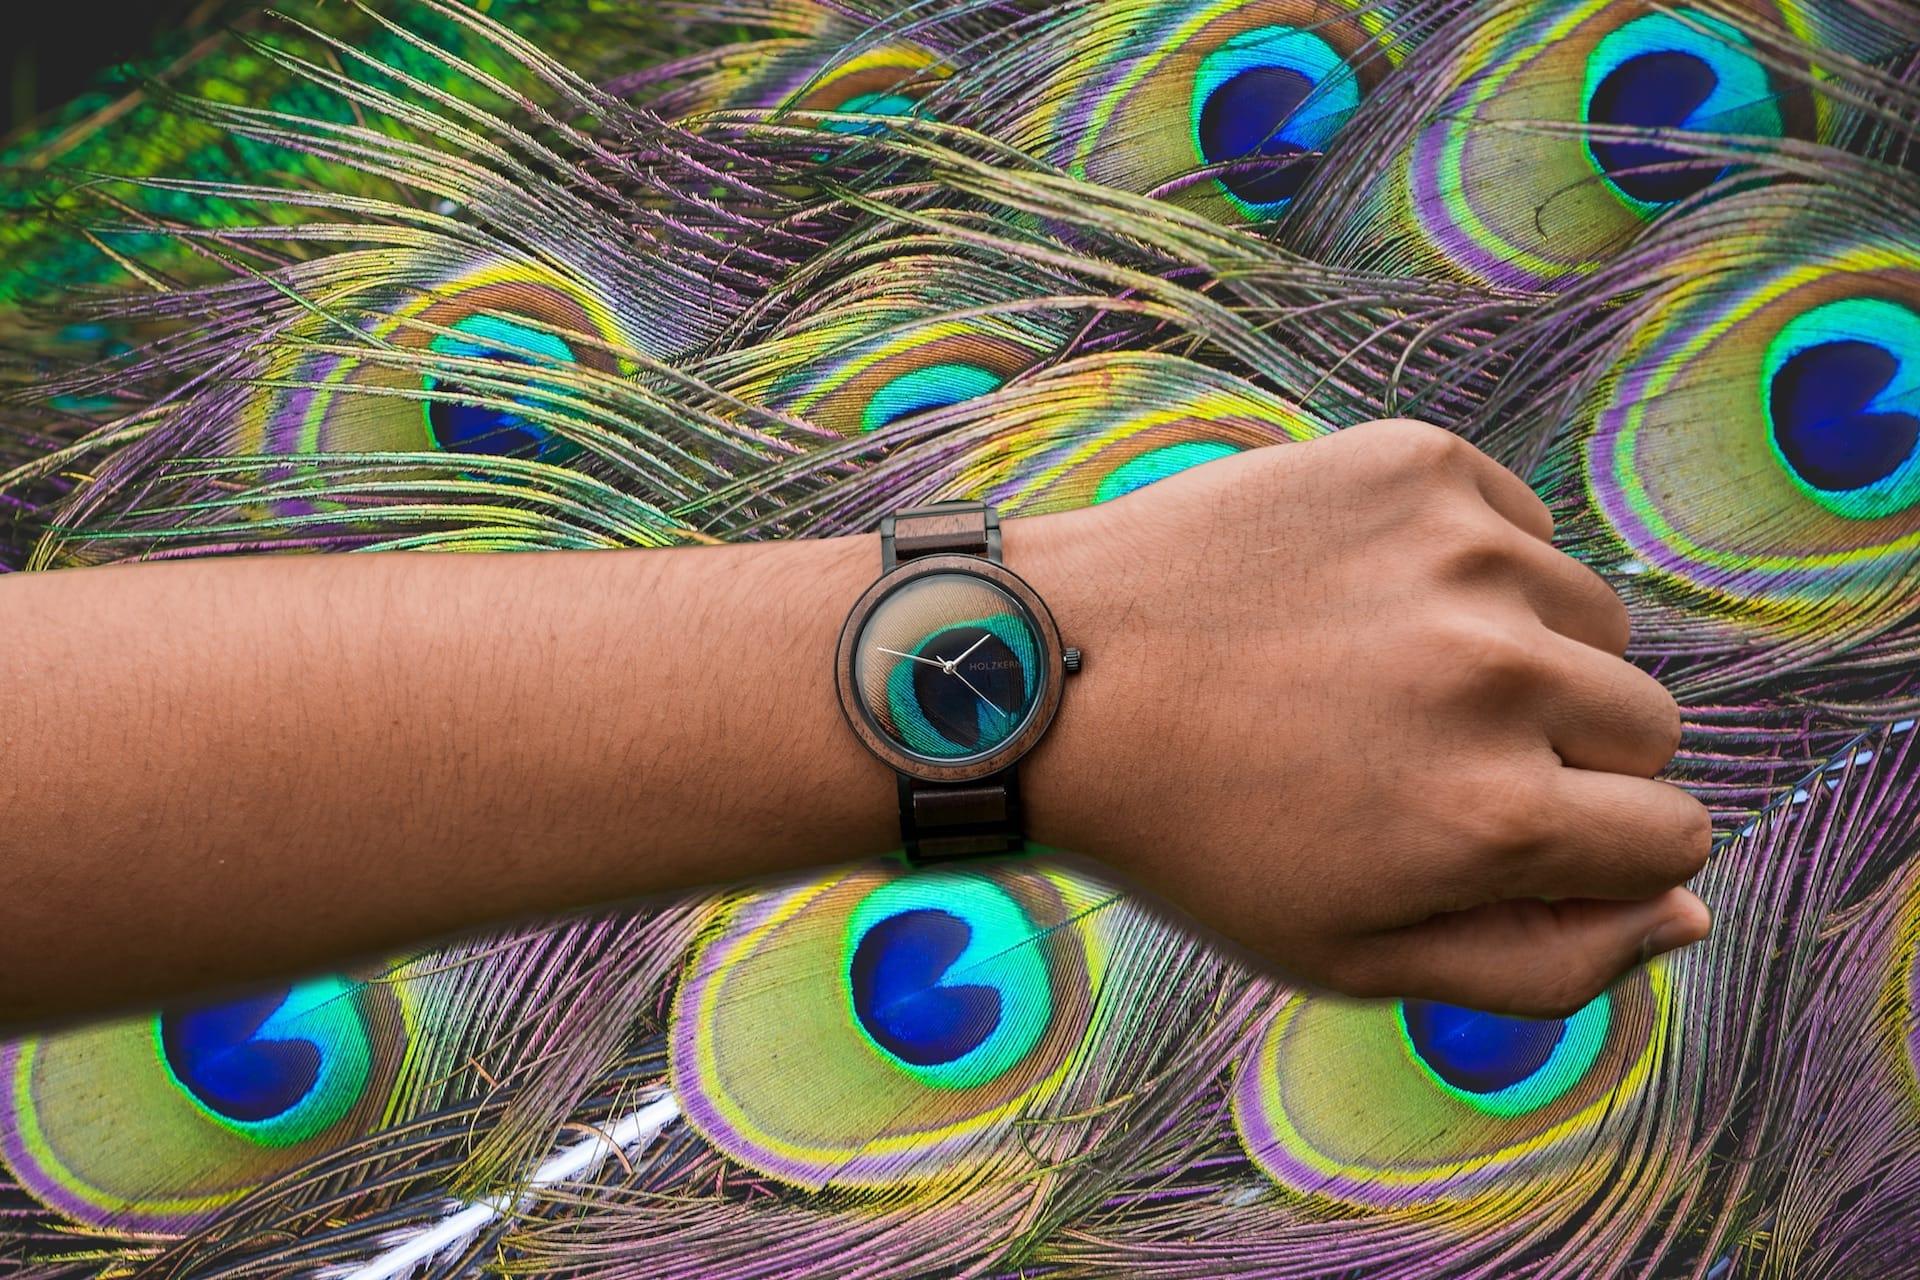 Einzigartige Uhren aus leuchtenden Pfauenfedern!